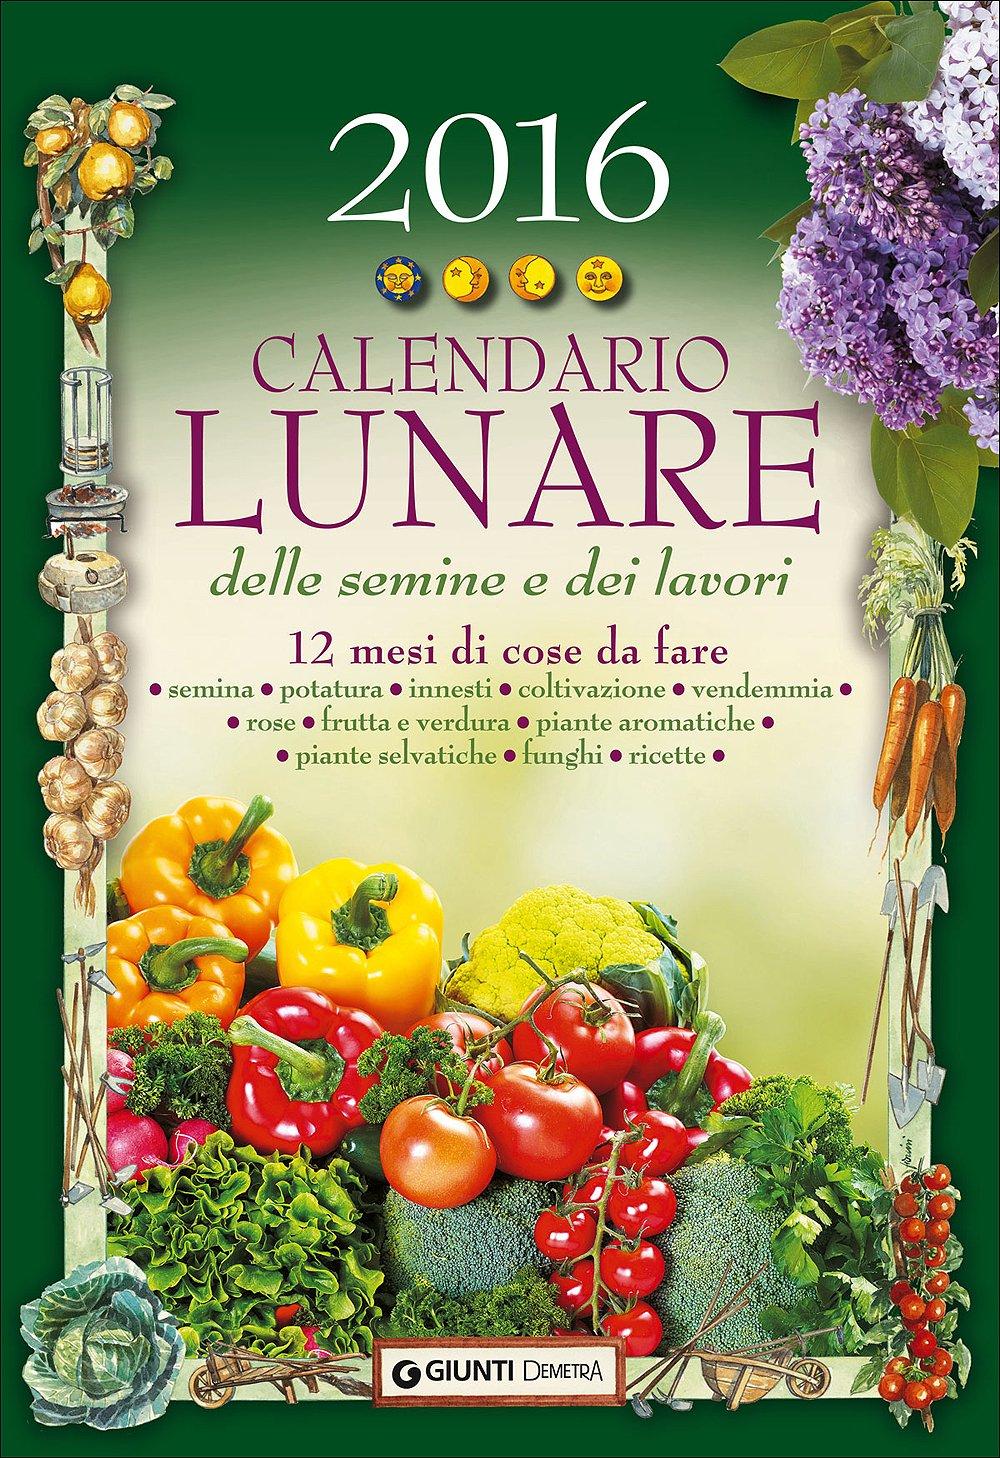 Calendario Lunare Per Semina.Amazon It Calendario Lunare Delle Semine E Dei Lavori 2016